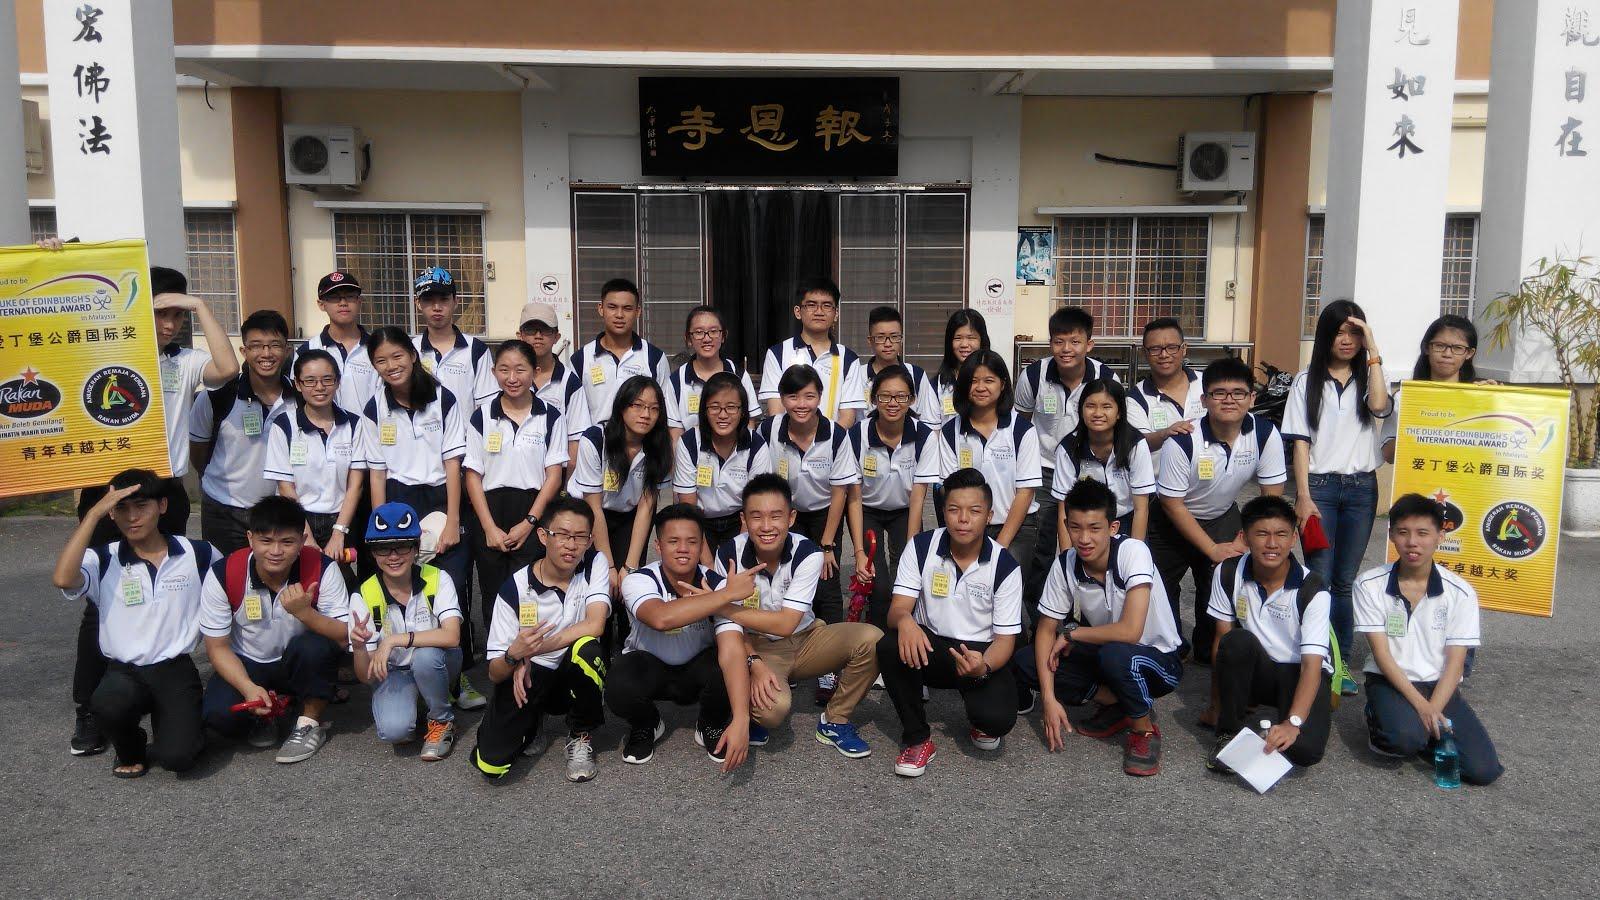 卓越青年社区服务-报恩寺2015